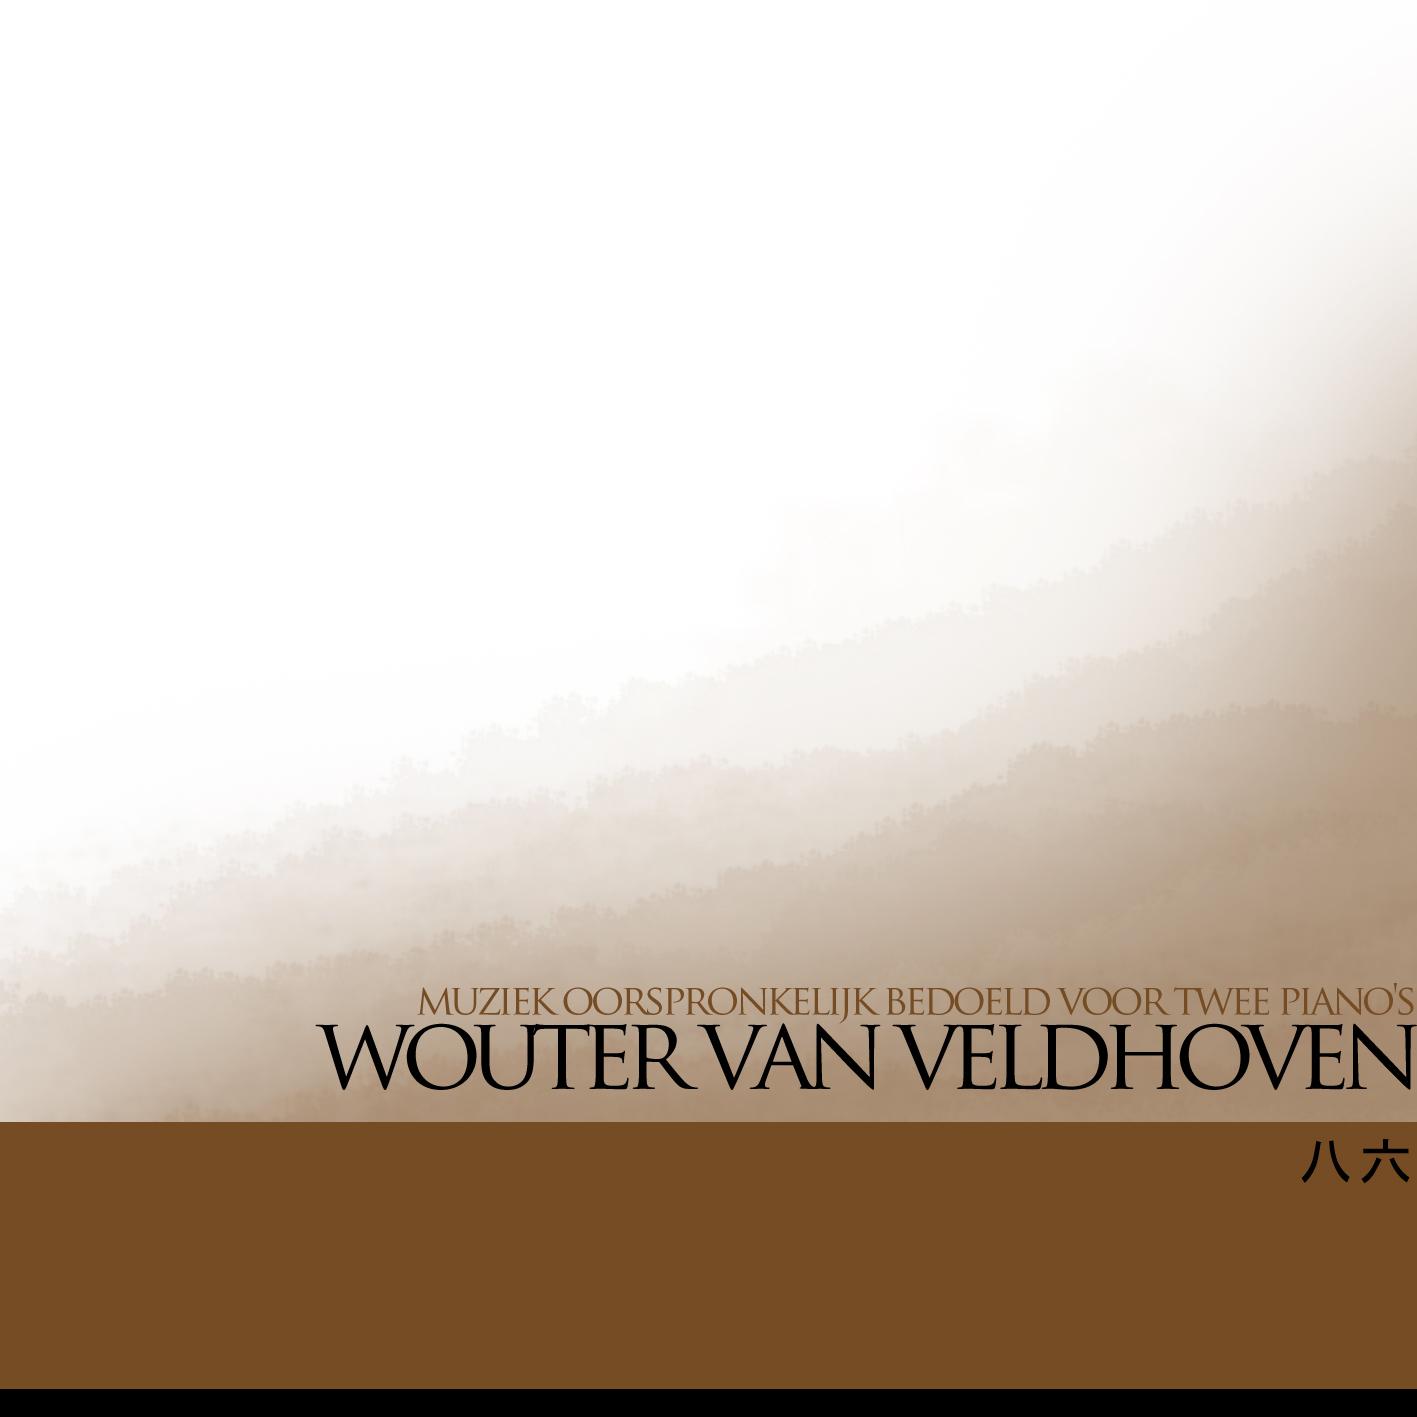 Cover of Muziek oorspronkelijk bedoeld voor twee piano's